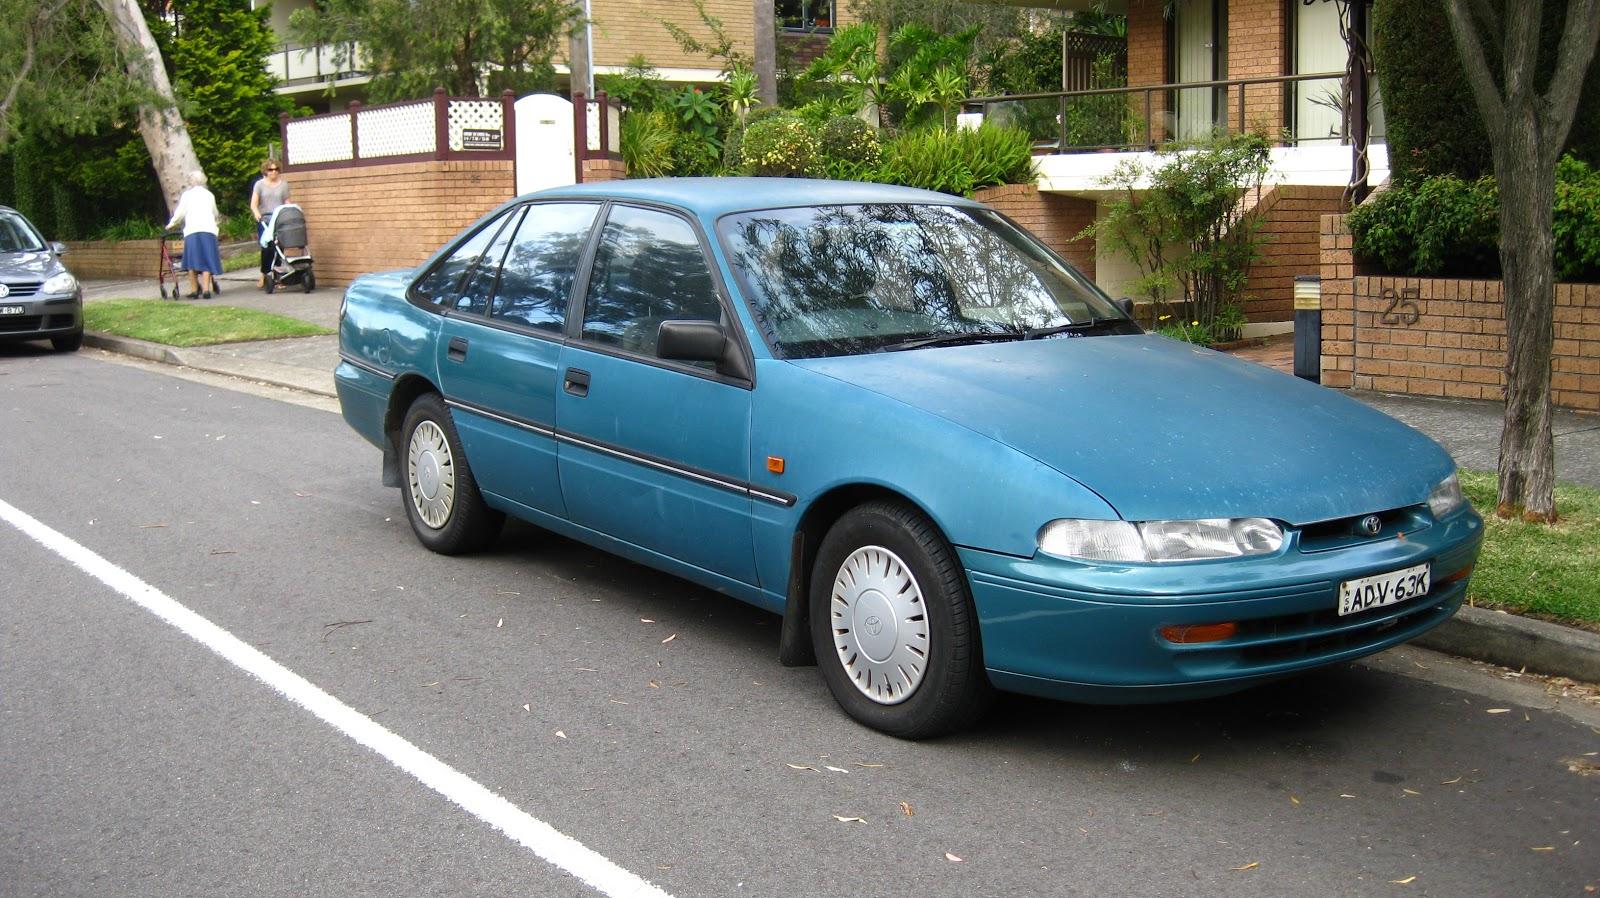 Aussie Old Parked Cars 1993 Toyota Lexcen Csi Sedan